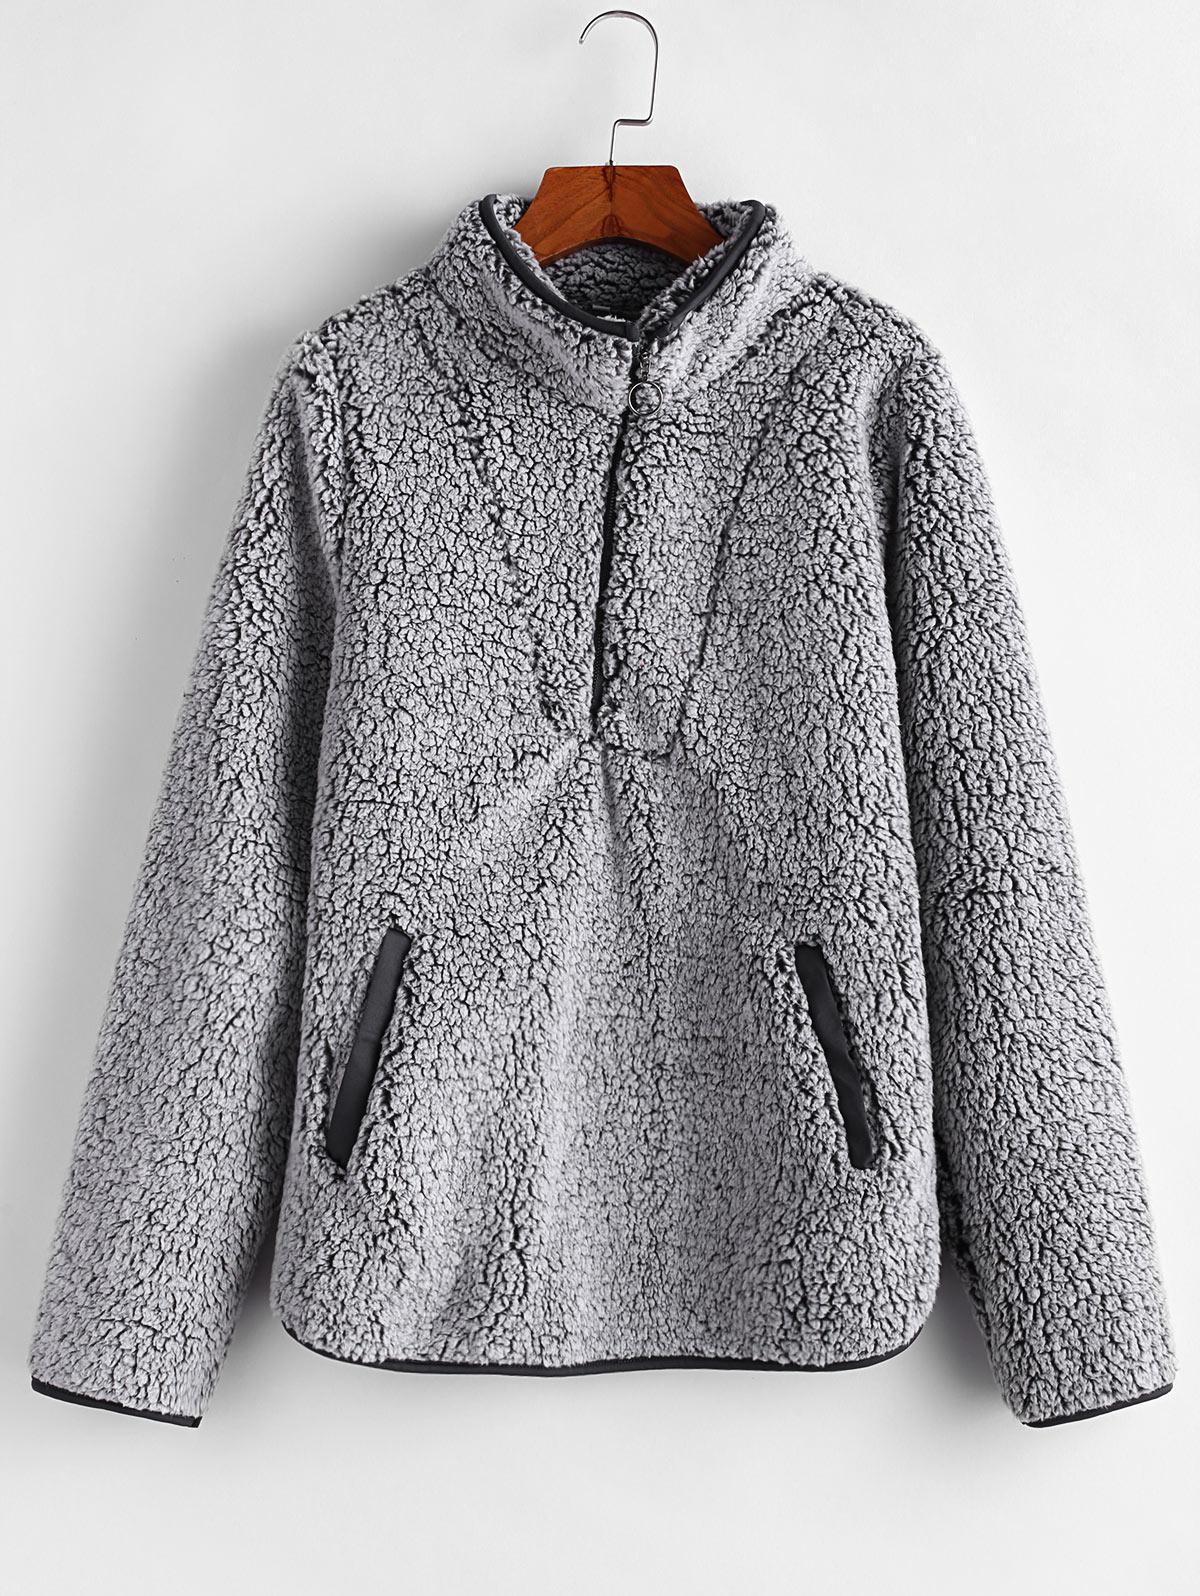 Half Zip Fuzzy Pocket Sweatshirt